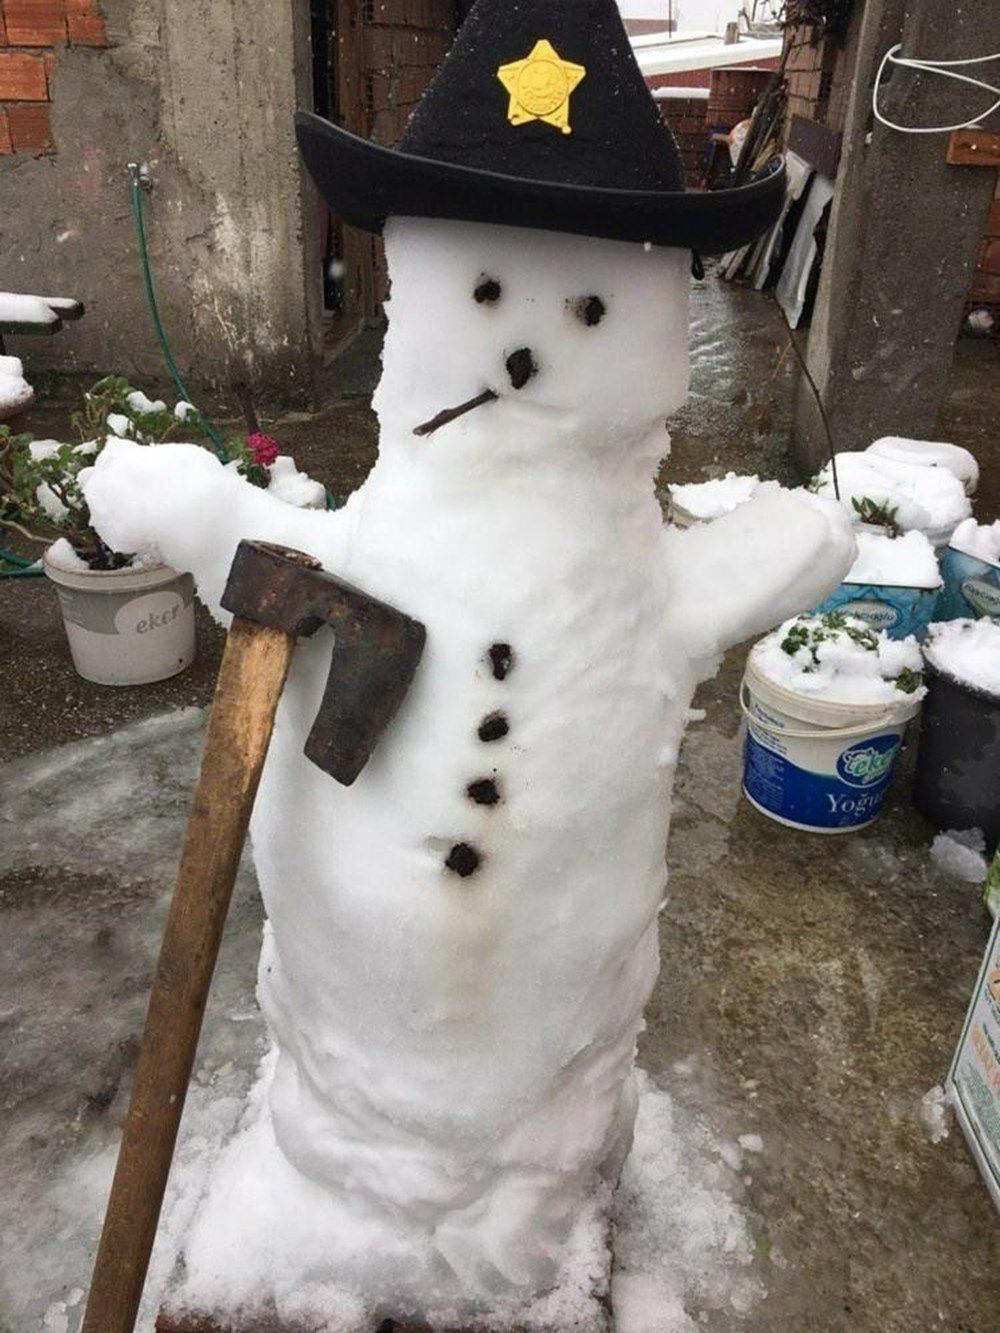 Kardan adam yapımında sınır tanımayan fikirler şaşkına çevirdi! - Sayfa 2